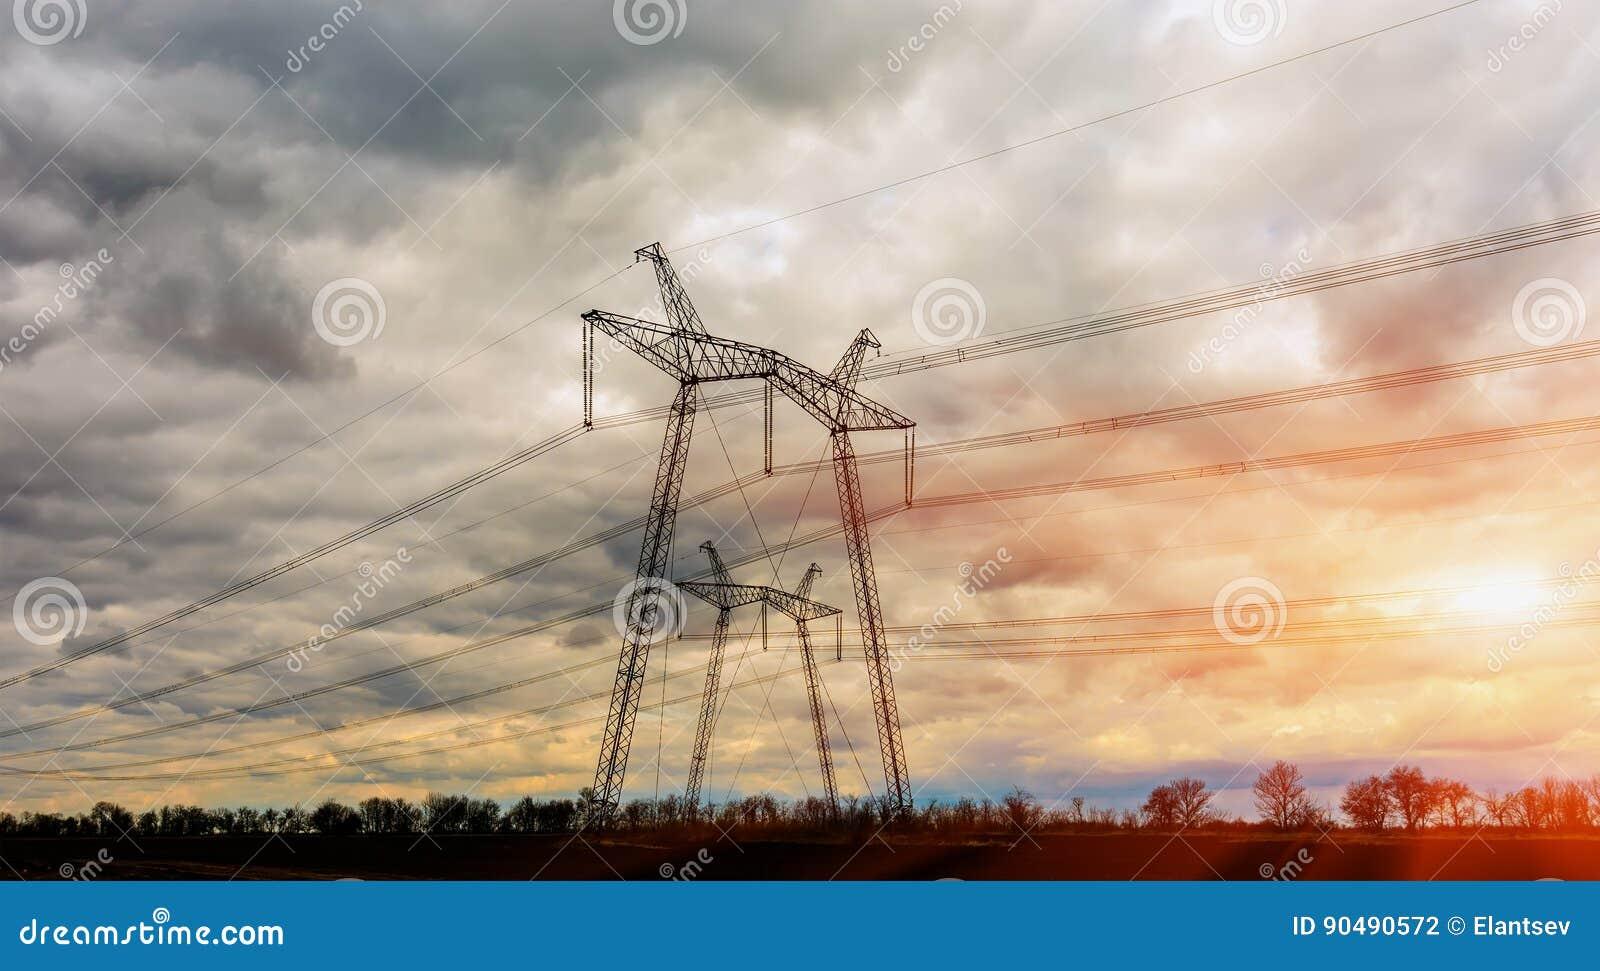 Πυλώνας ηλεκτρικής ενέργειας - υπερυψωμένος πύργος μετάδοσης ηλεκτροφόρων καλωδίων